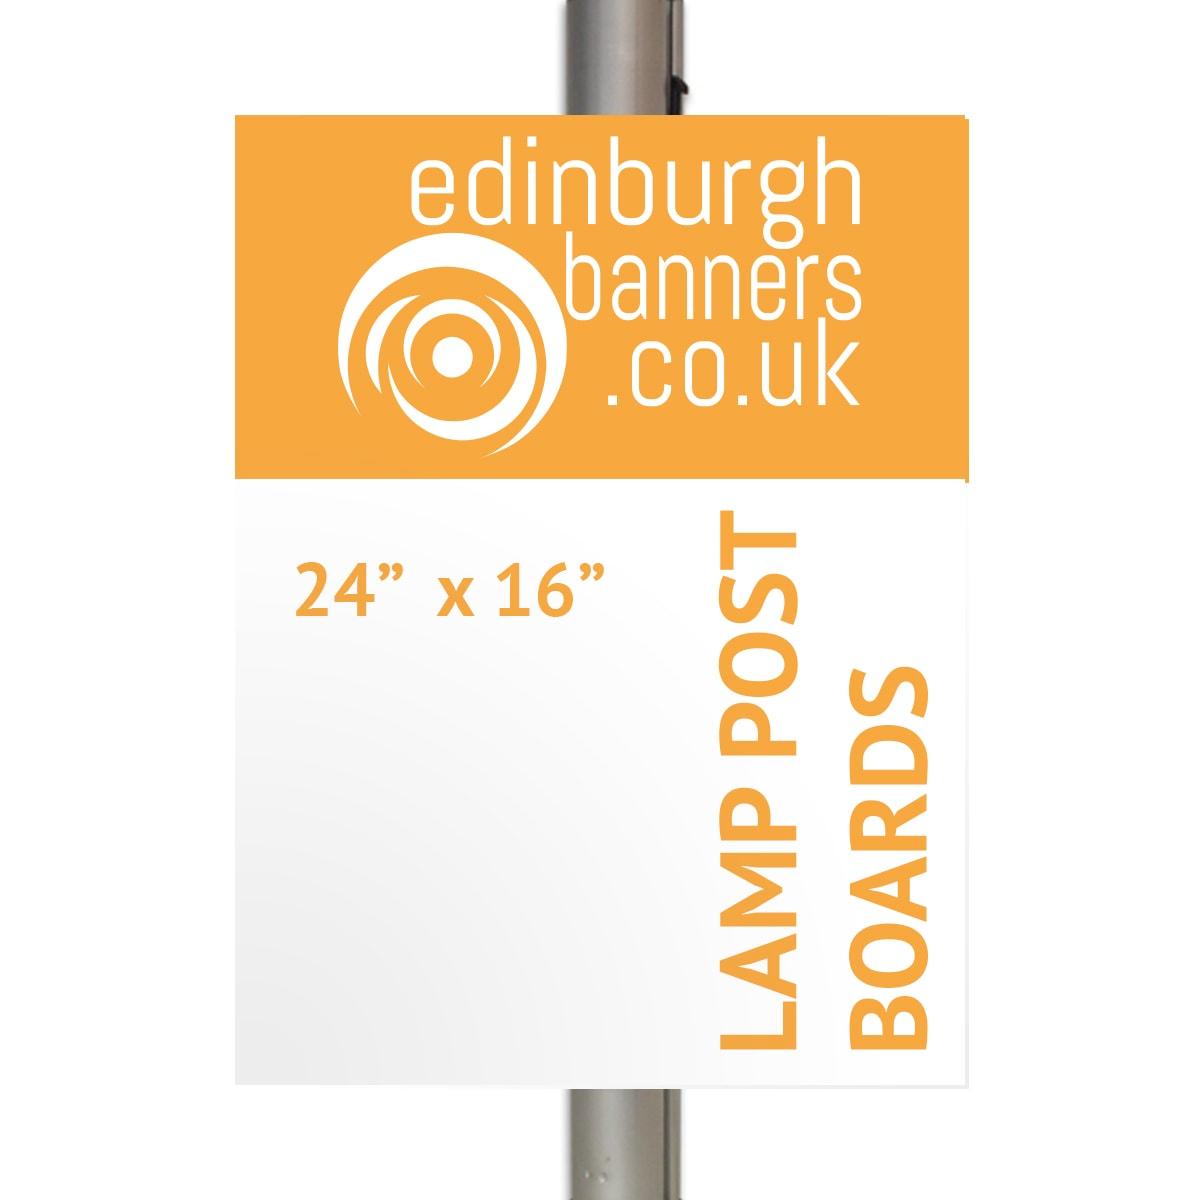 Buy Lamp Post Advertising Boards In Edinburgh Uk